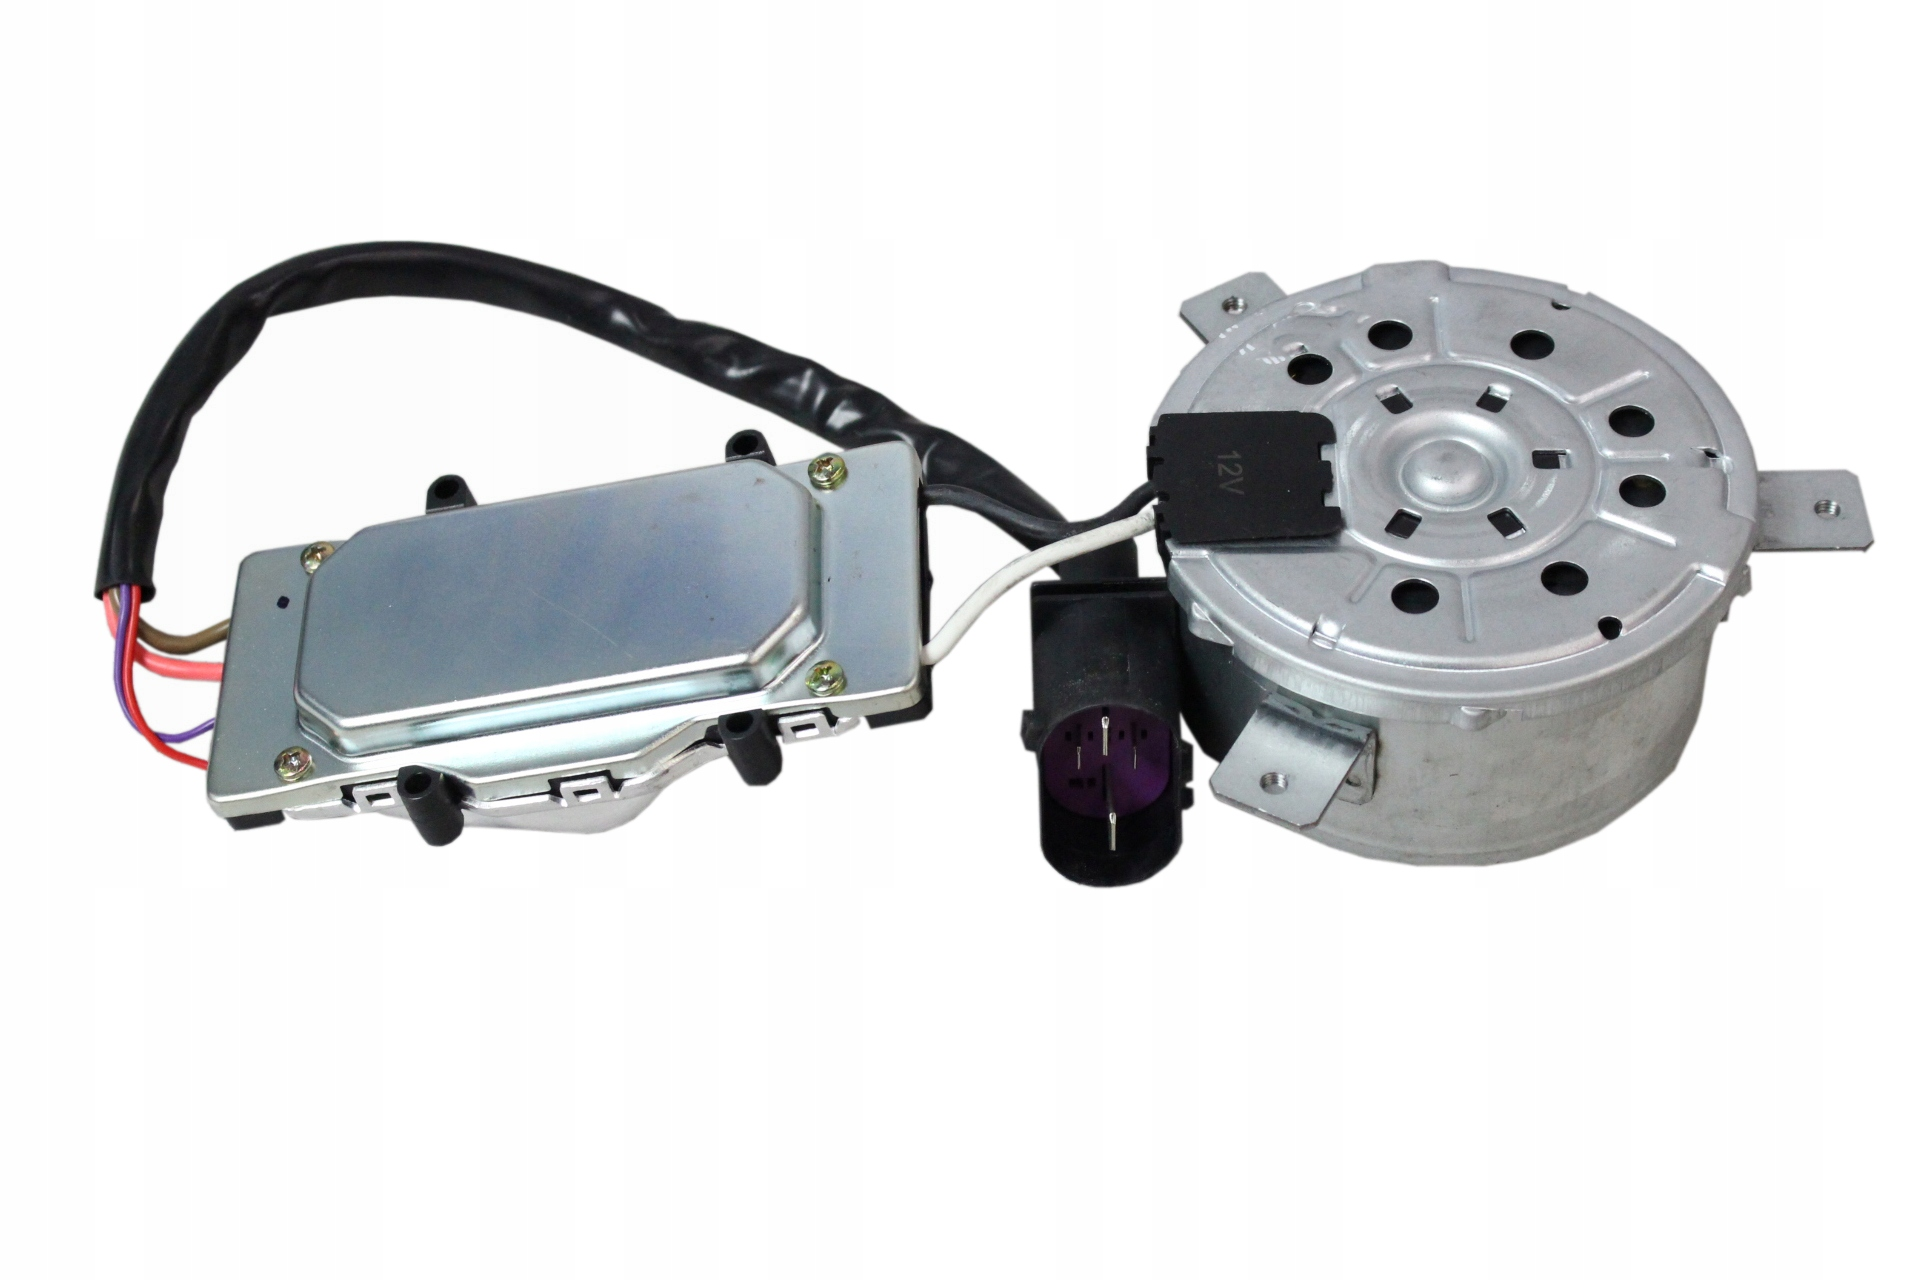 audi a6 c6 вентилятор модуль 4f0121003k  l